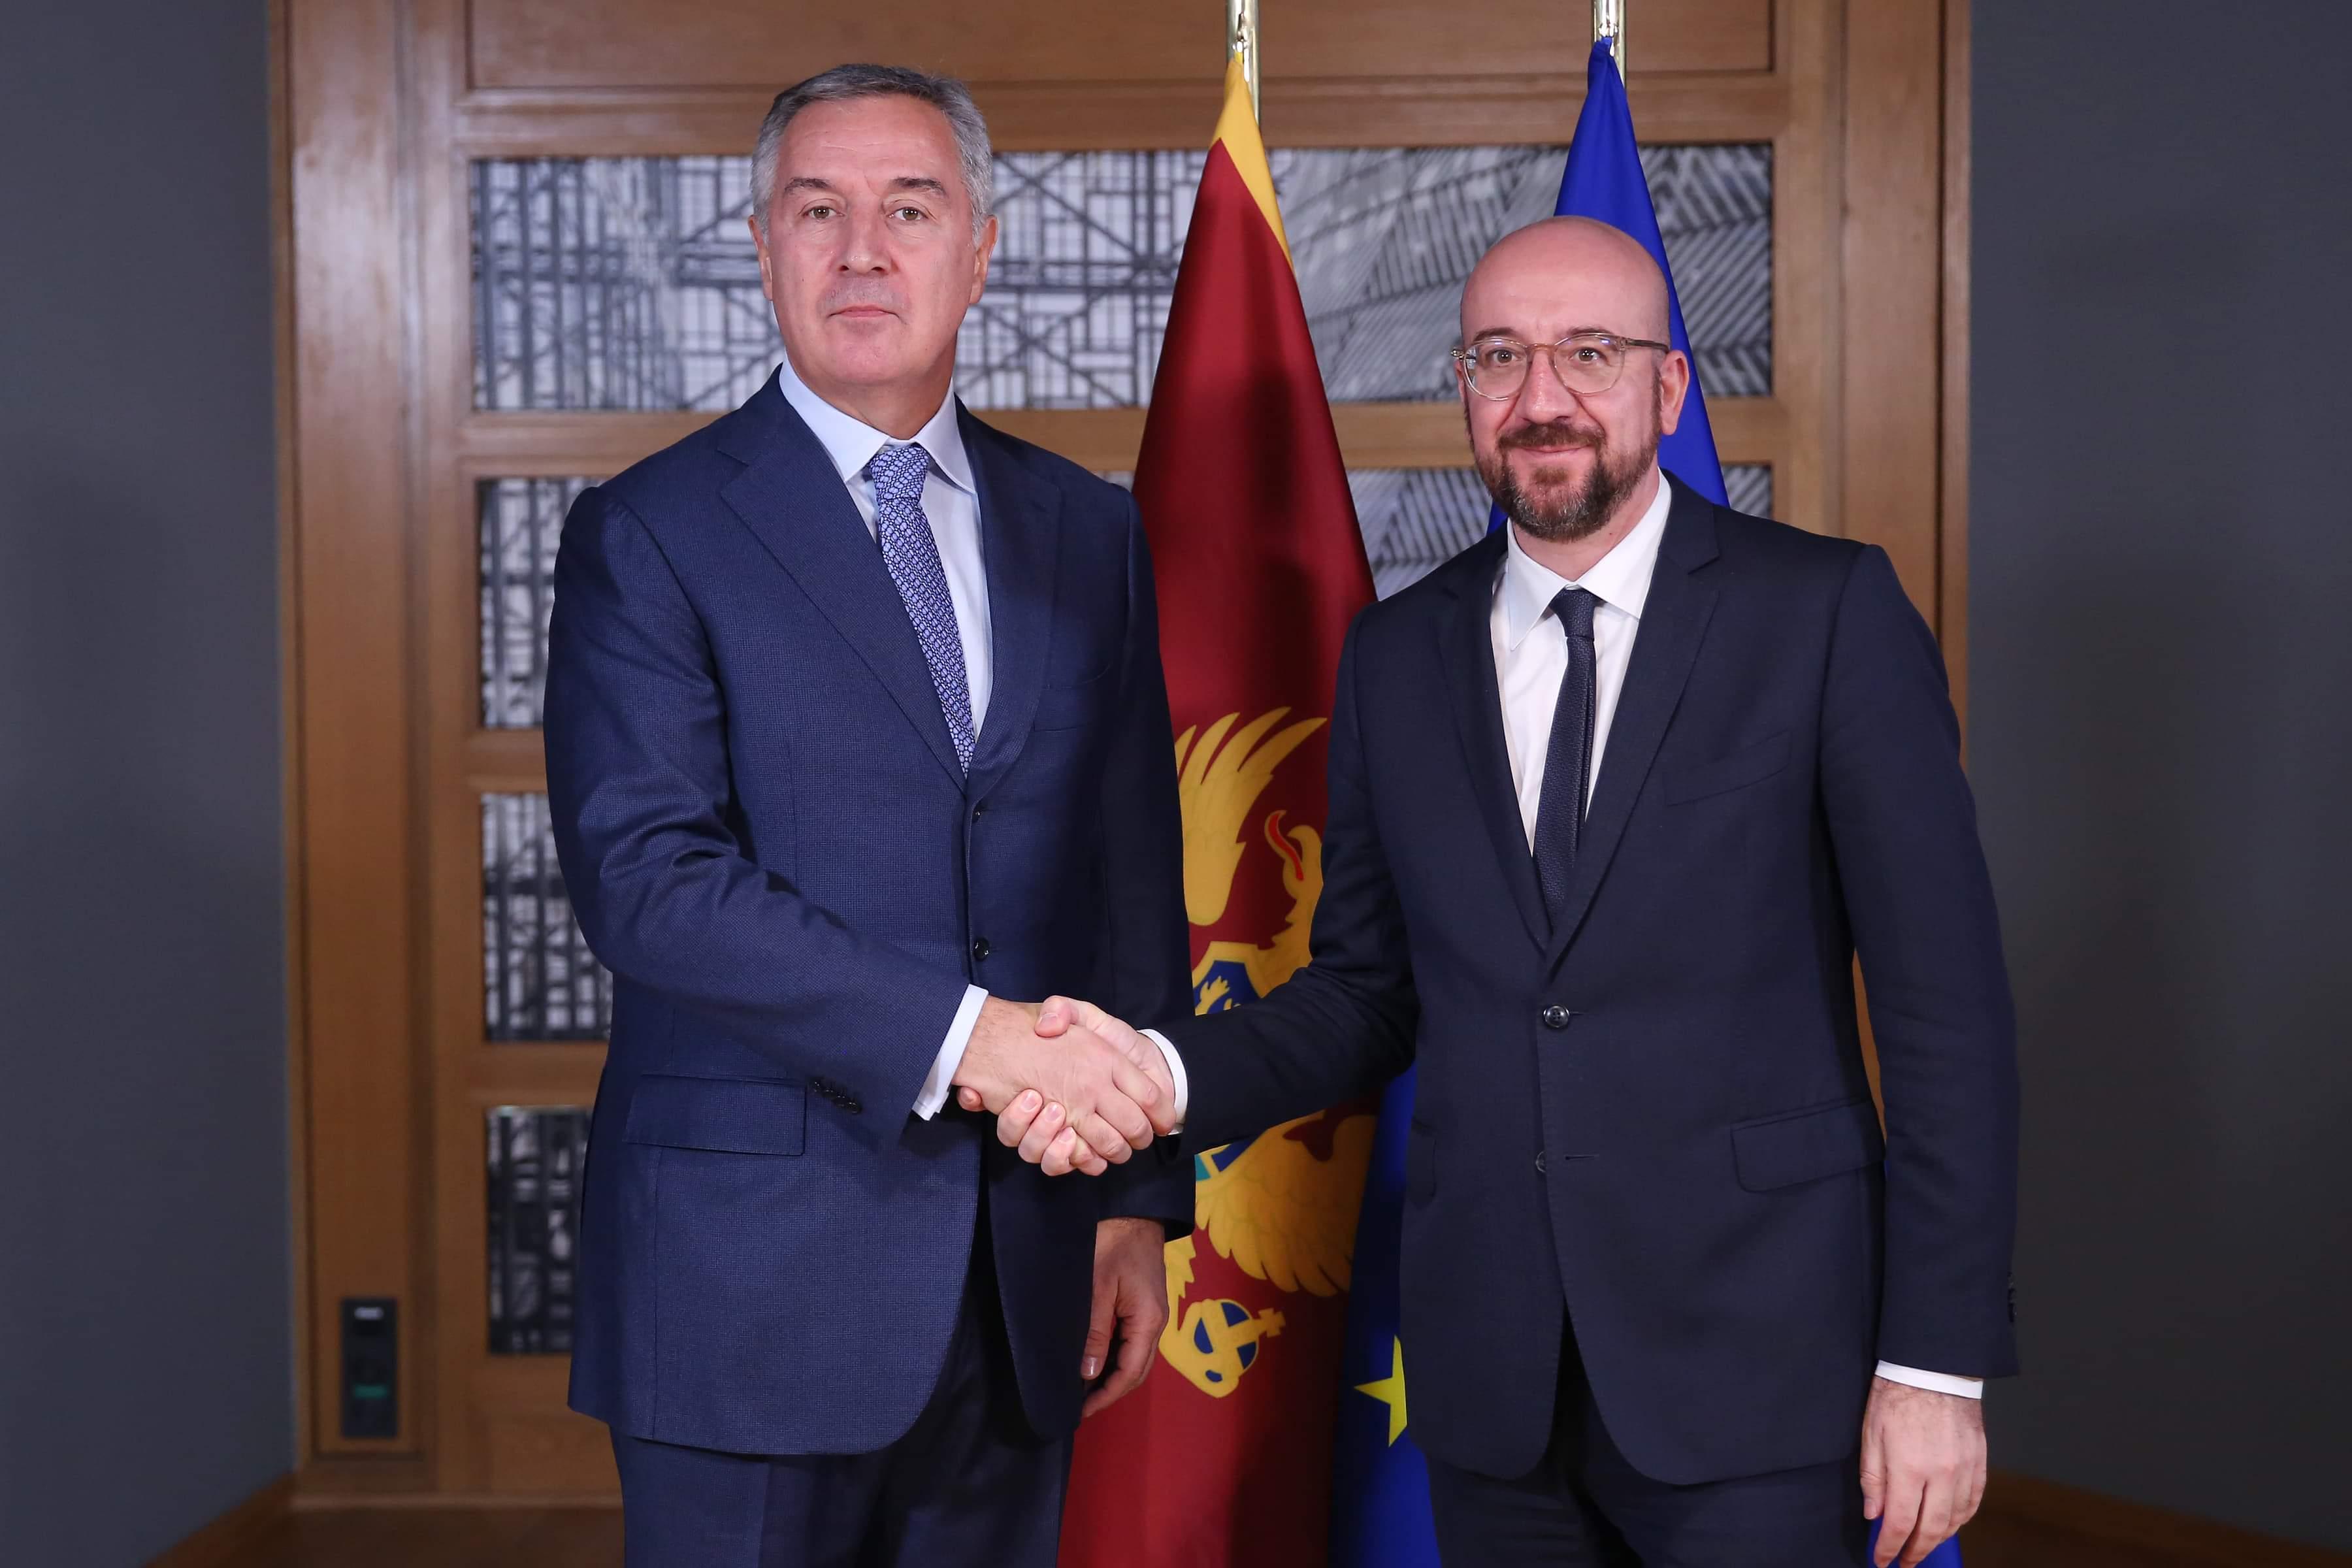 Ο Đukanović συναντήθηκε με τον πρόεδρο του Ευρωπαϊκού Συμβουλίου στις Βρυξέλλες